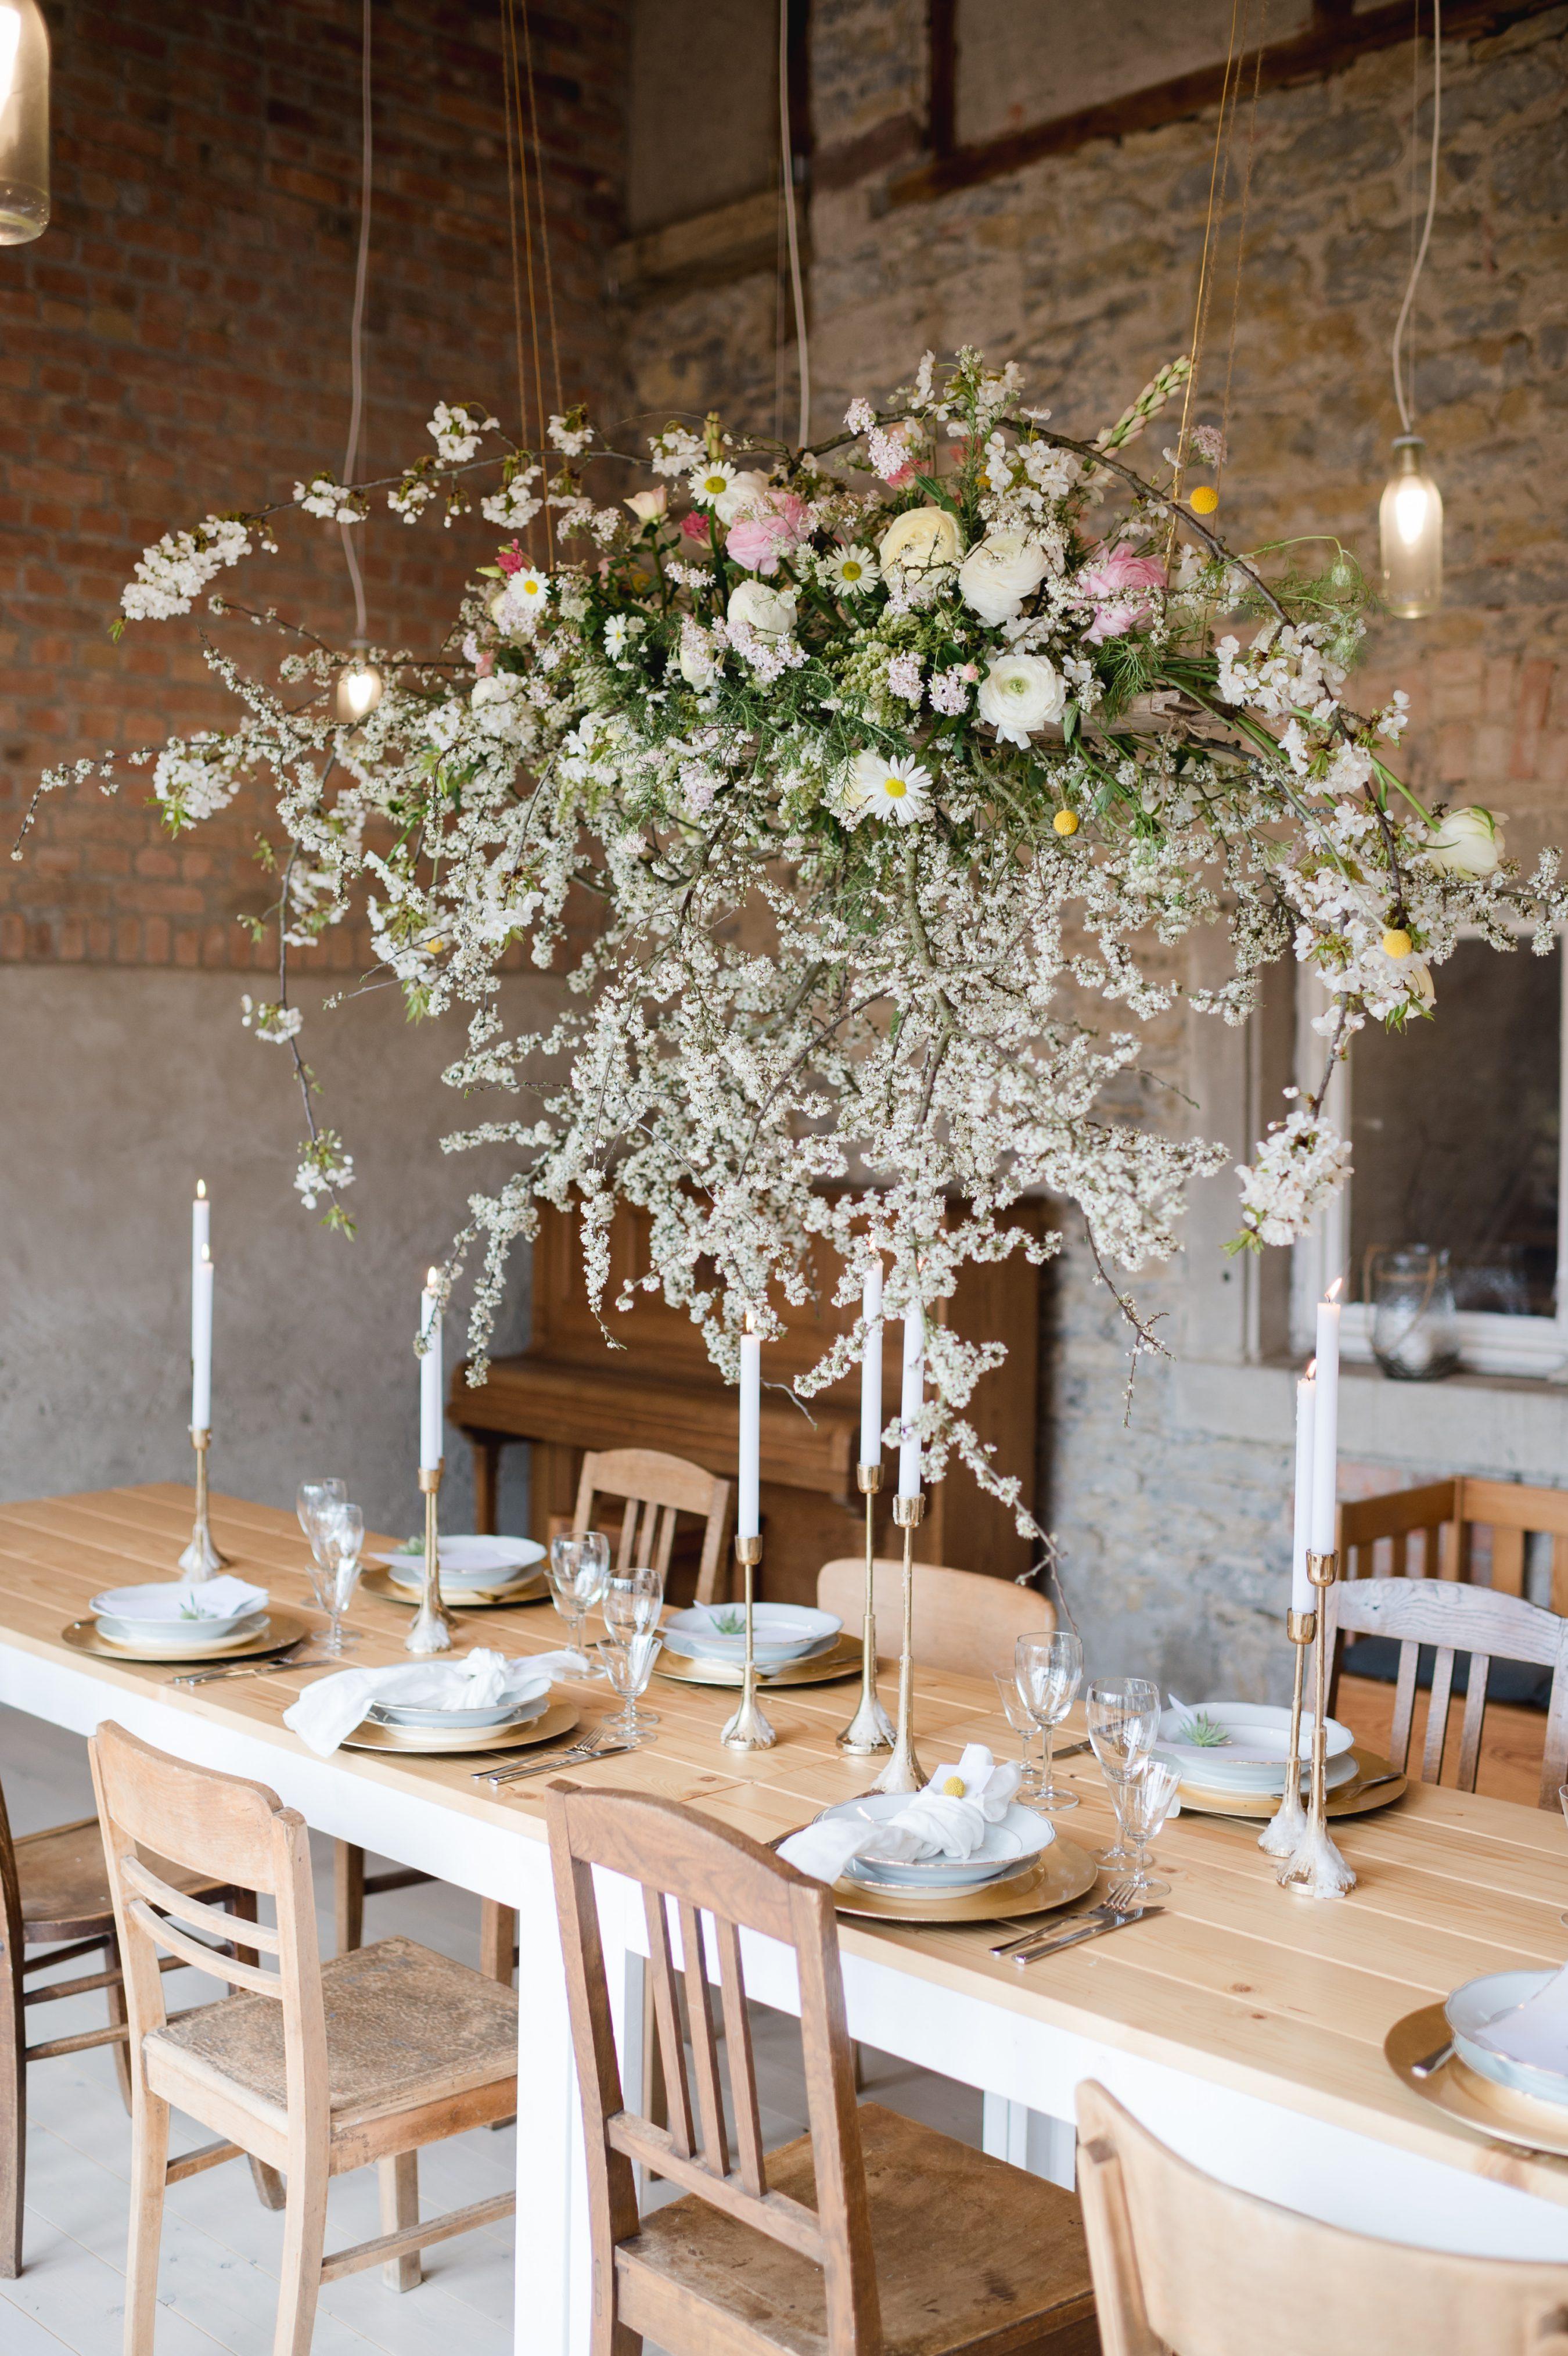 Scheunenhochzeit Dekoration, Heiraten in der Scheune Ideen Tipps, hängende Dekorationen Scheune Hochzeit